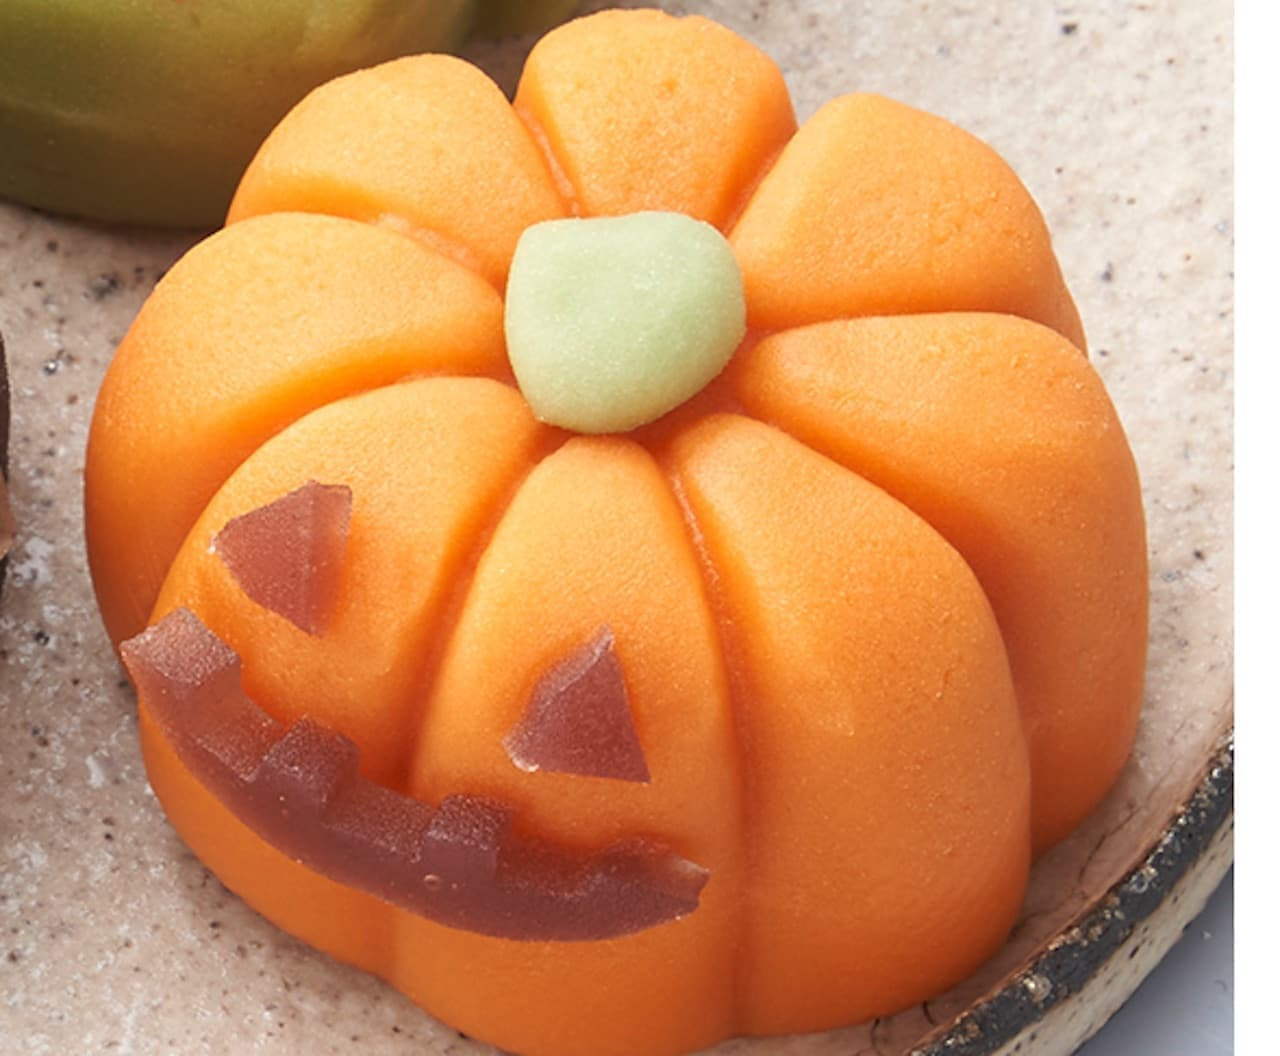 シャトレーゼ「創作和菓子 ハロウィン かぼちゃ」